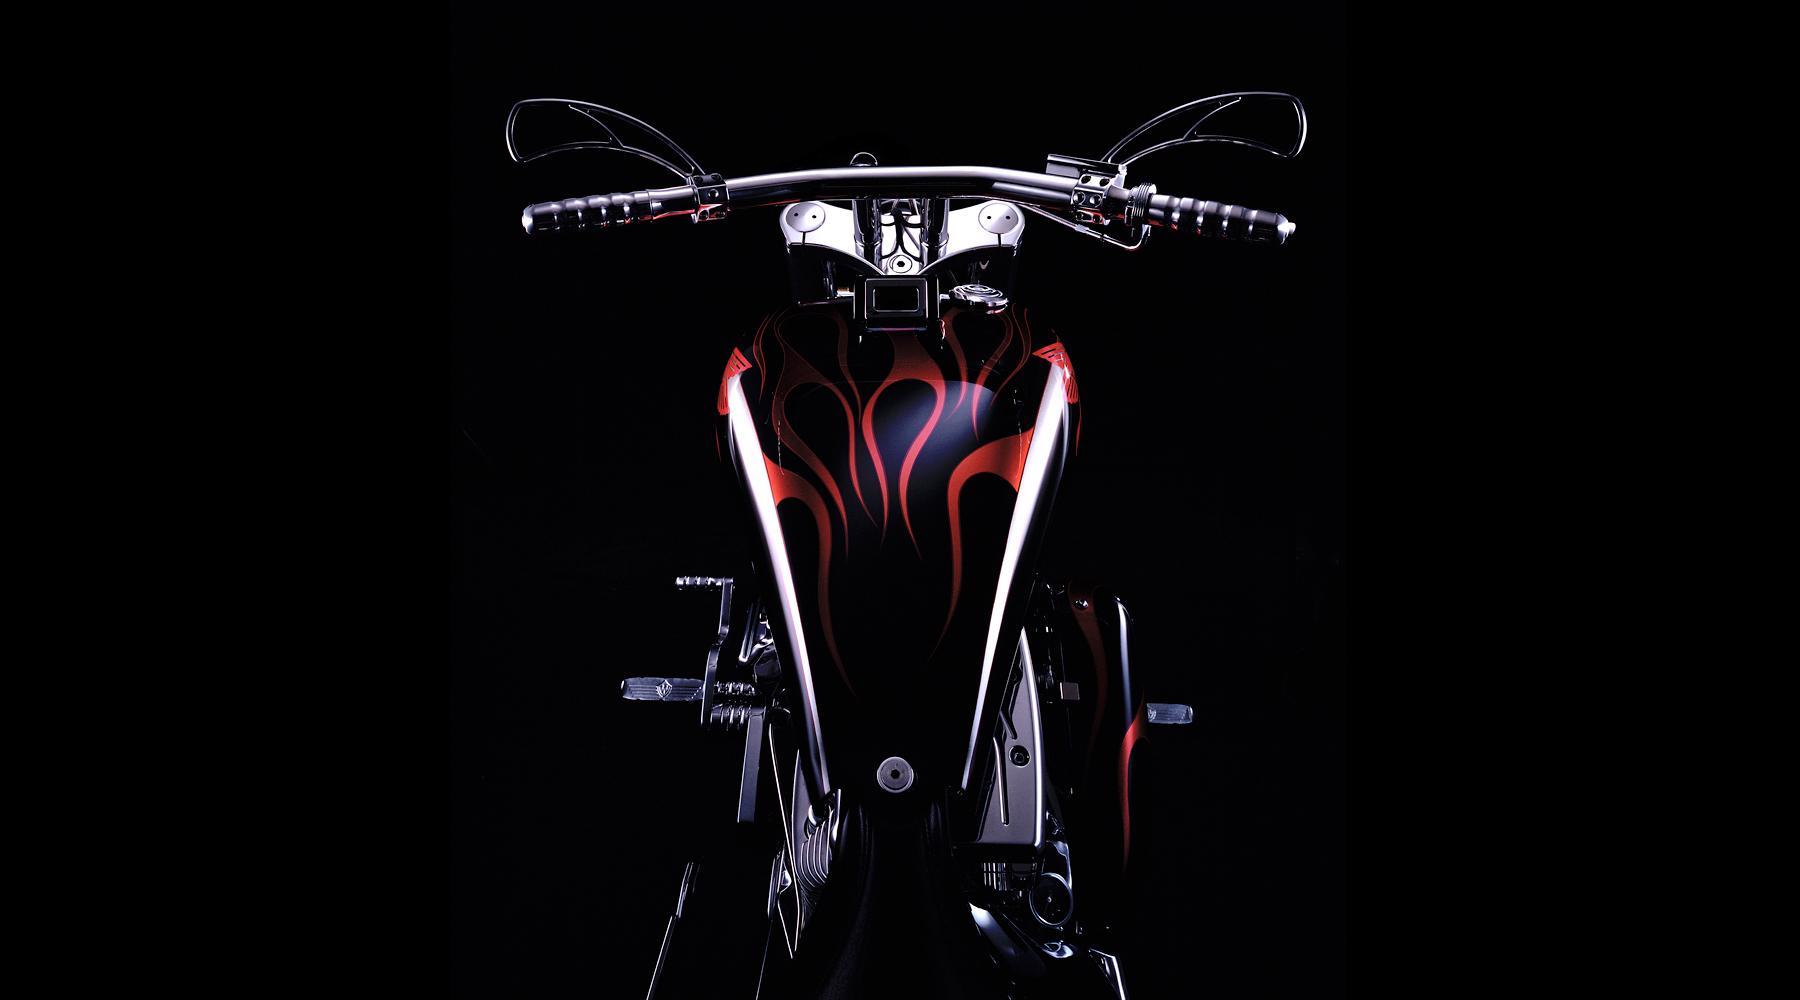 exxon-bike.jpg